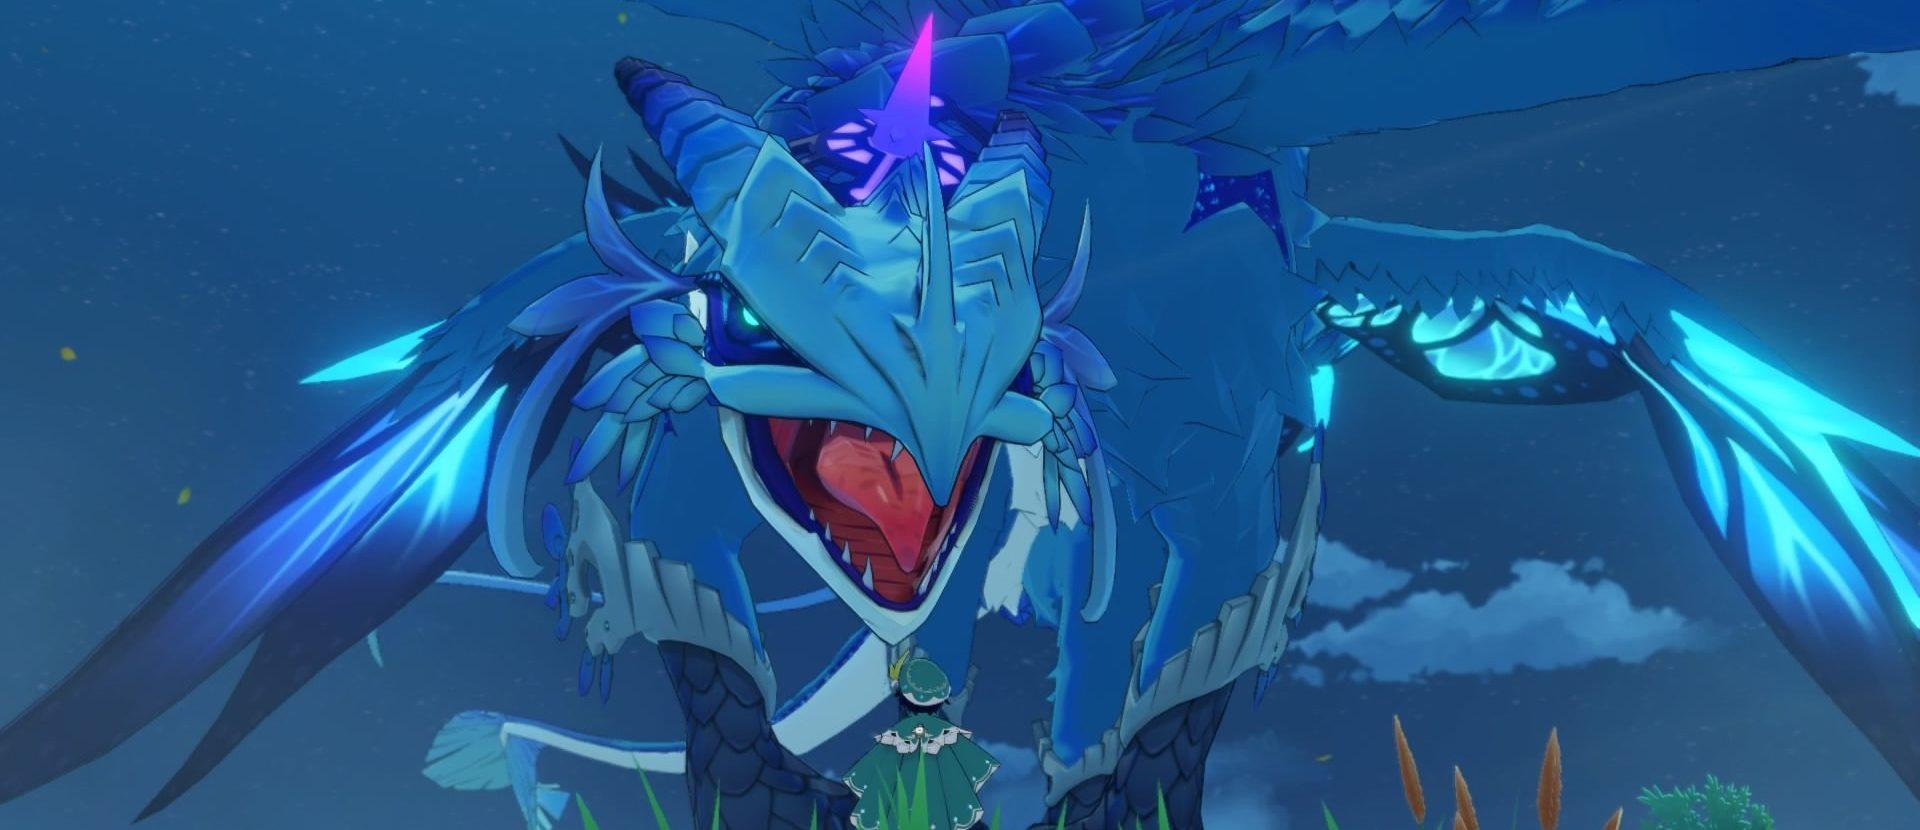 Genshin Impact: Ein blau schillernder Drache im Anime-Zeichenstil, davor eine grün gekleidete Person